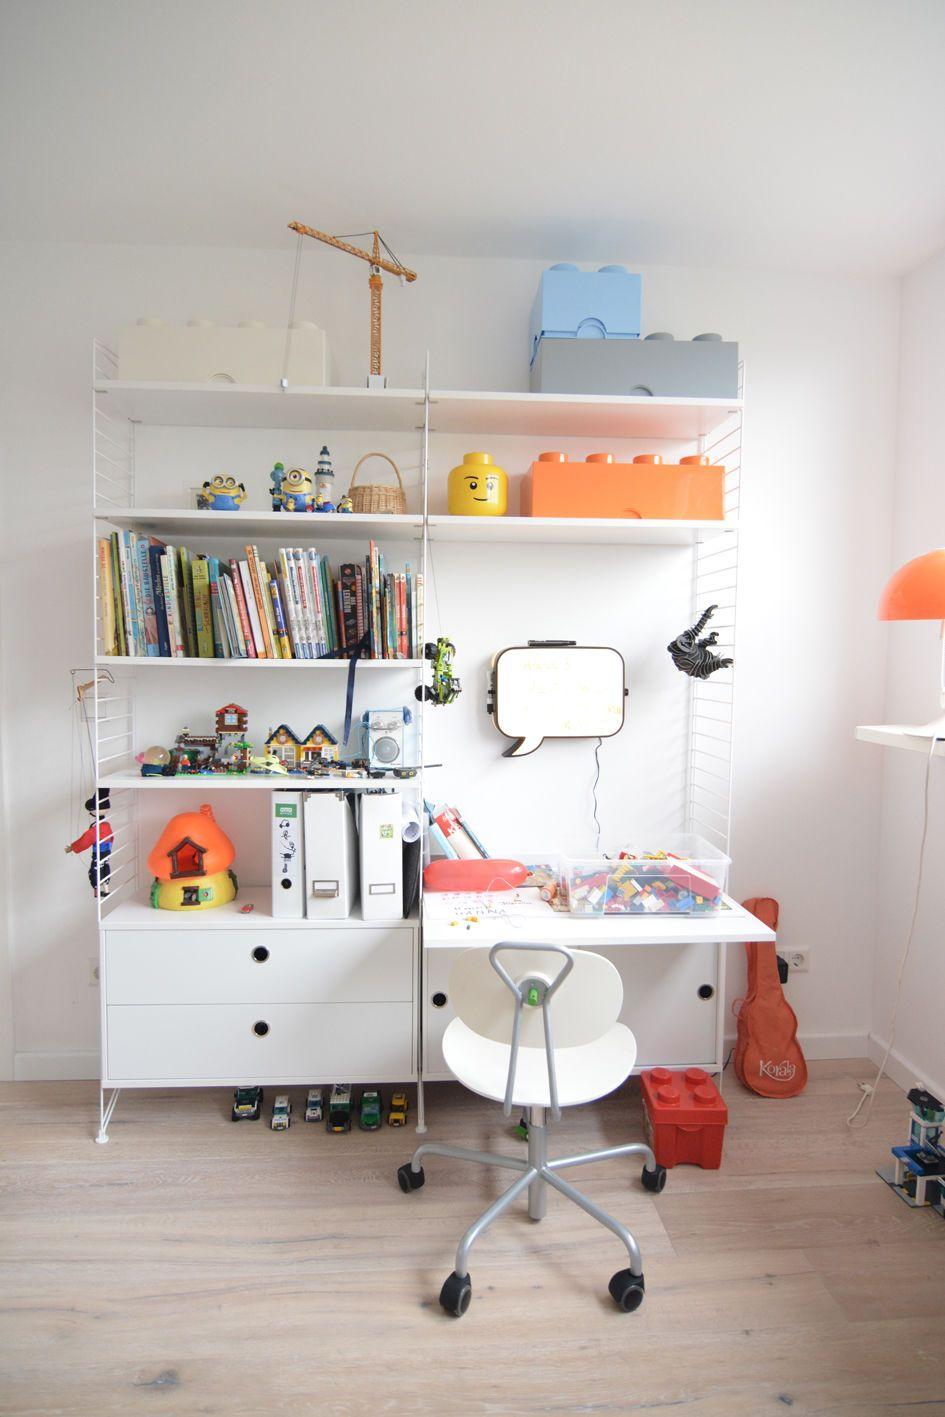 Full Size of Aufbewahrungsboxen Kinderzimmer Mint Holz Plastik Stapelbar Amazon Design Mit Deckel Ikea Aufbewahrungsbox Ebay Ideen Fr Stauraum Und Aufbewahrung Im Regal Kinderzimmer Aufbewahrungsboxen Kinderzimmer